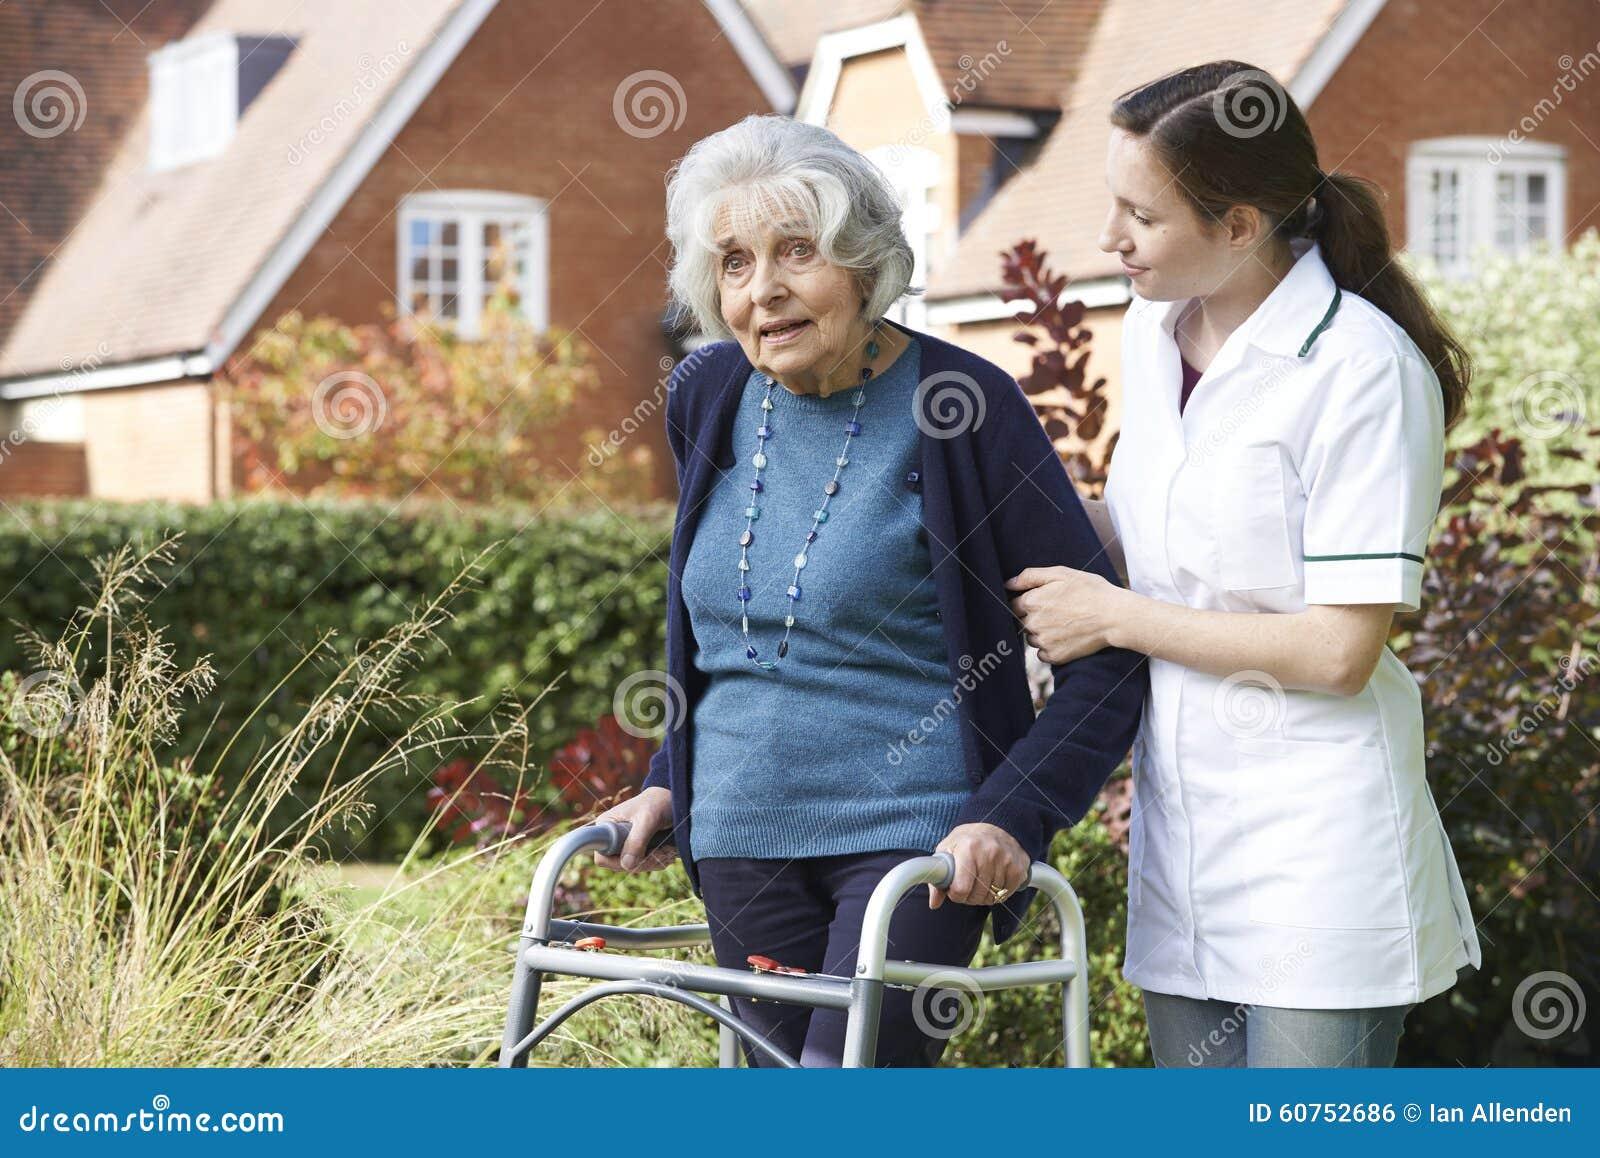 Φροντιστής που βοηθά το ανώτερο άτομο για να περπατήσει στον κήπο που χρησιμοποιεί το πλαίσιο περπατήματος